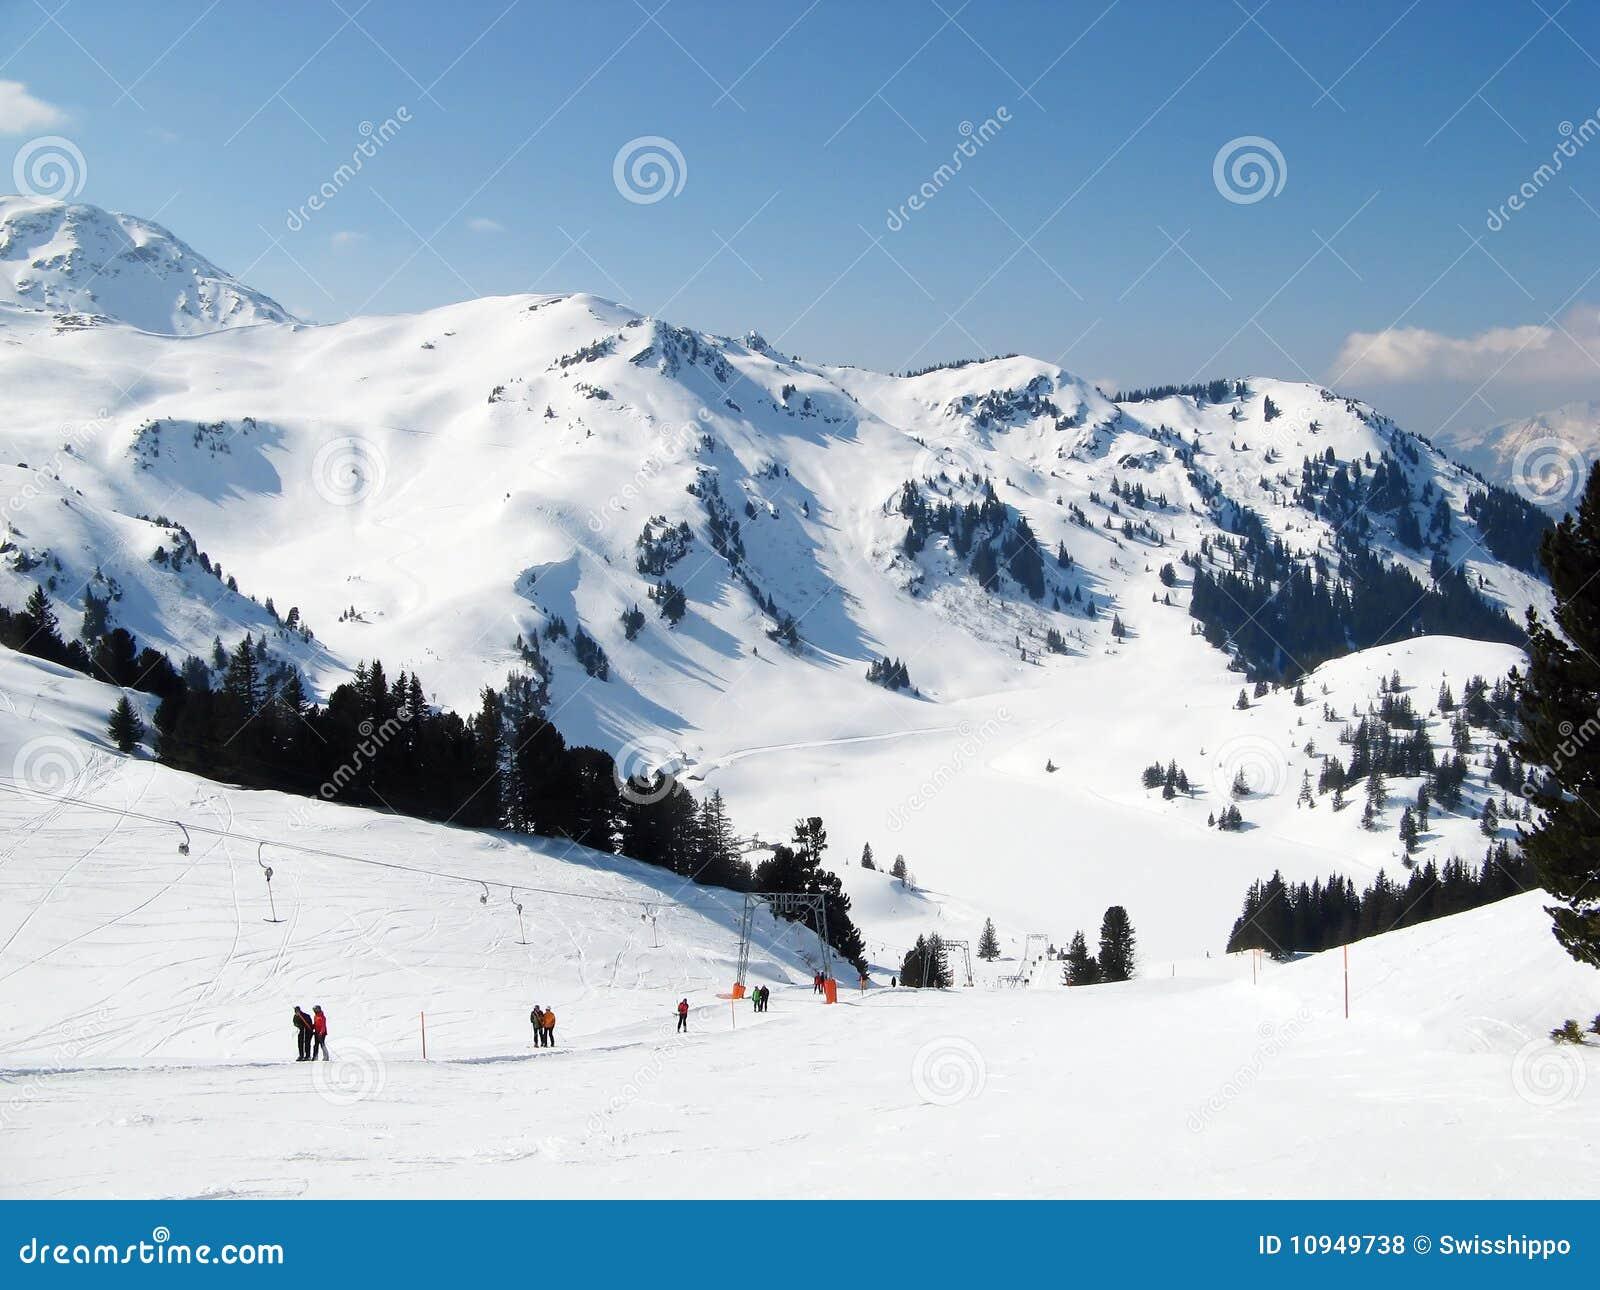 наклон катания на лыжах